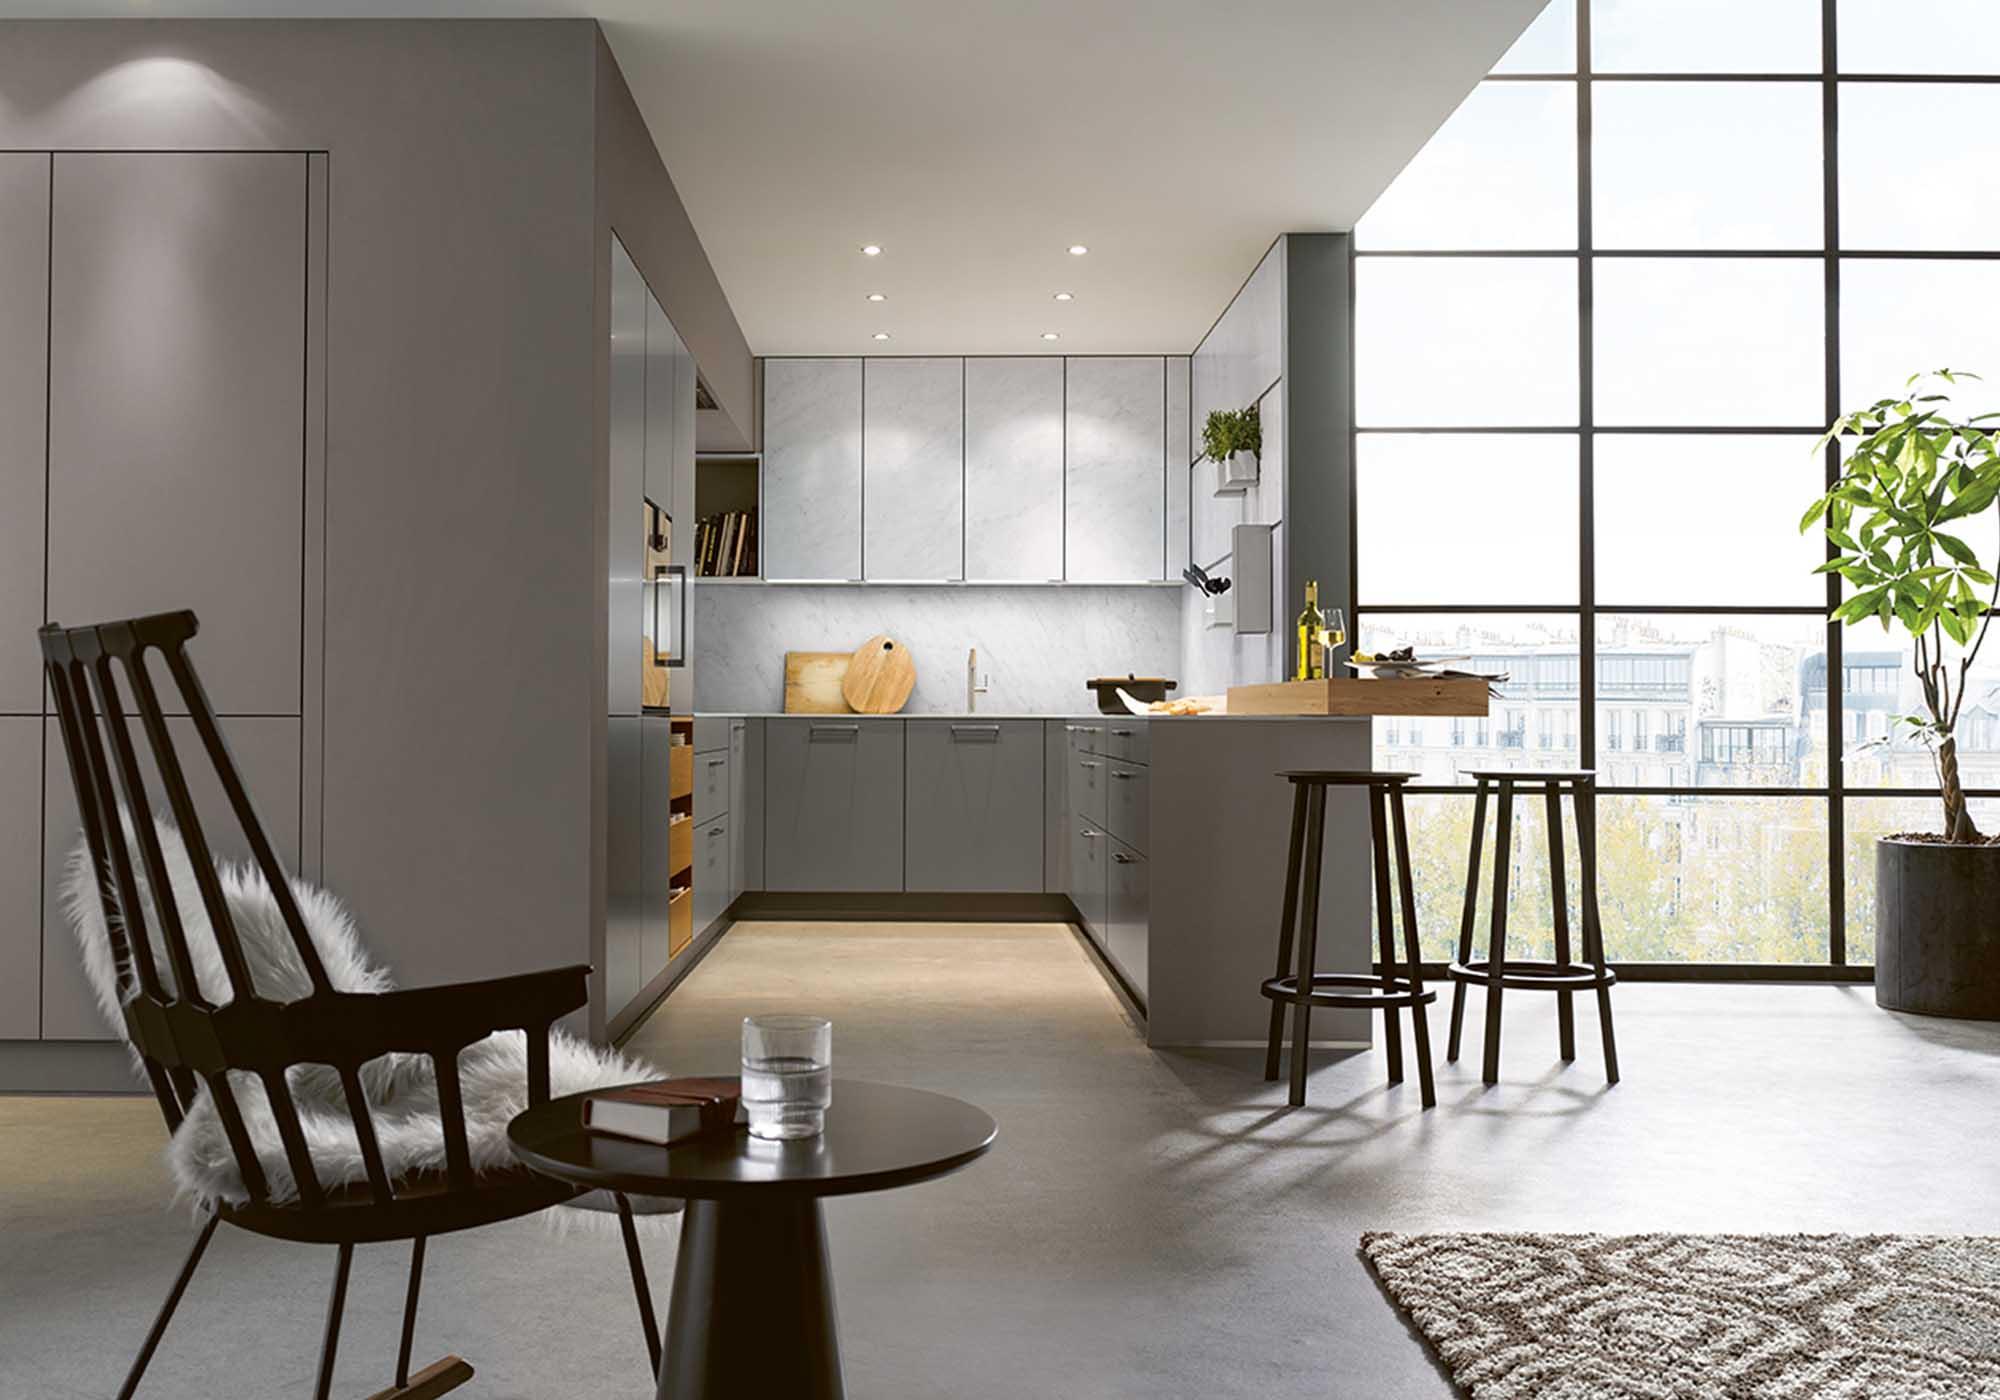 Küchen-Formen: U-Form Küchenbeispiel